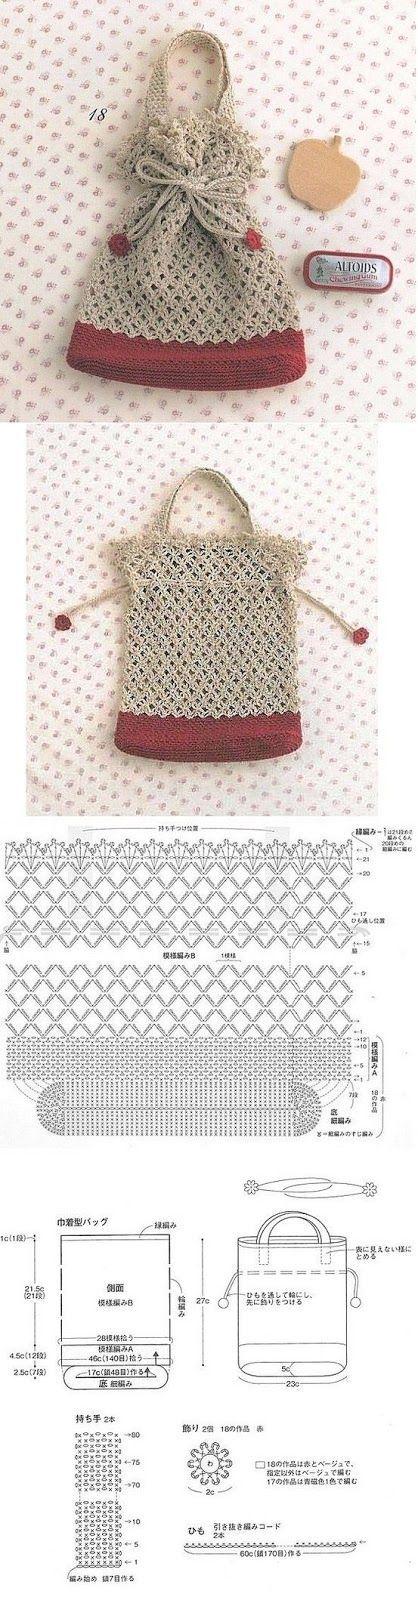 Mejores 75 imágenes de todo crochet en Pinterest | Ideas de ...